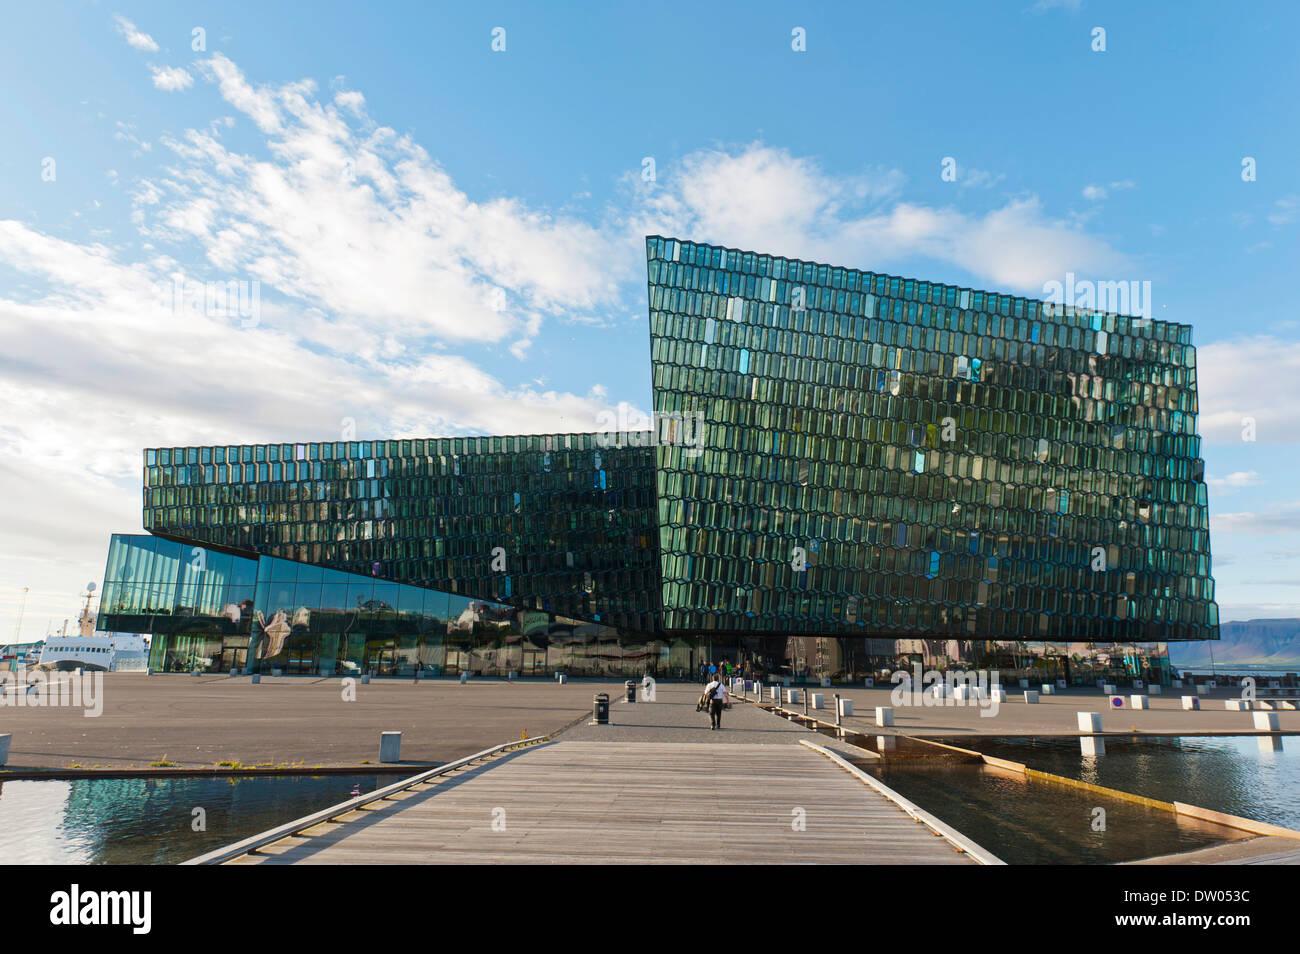 Harpa concert hall, l'architecture moderne en verre, Reykjavík, Islande Photo Stock